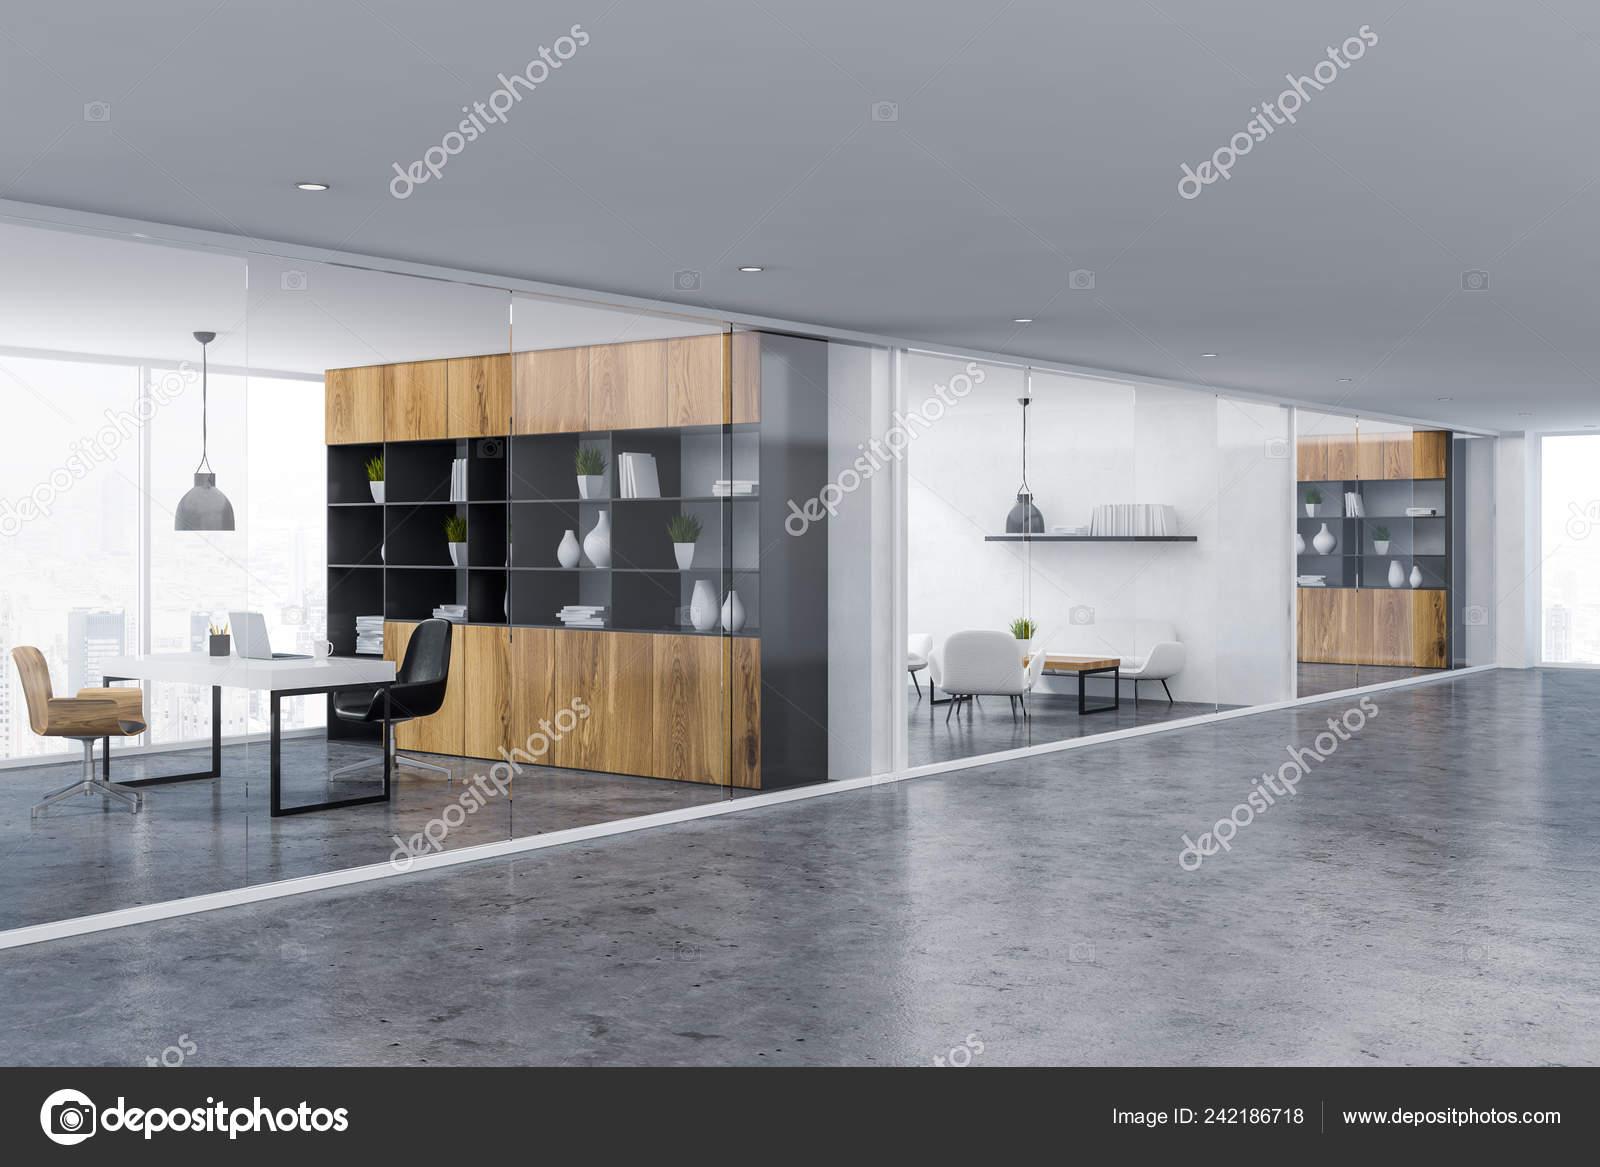 Bureau hall intérieur avec chambre gestionnaire bibliothèque bois